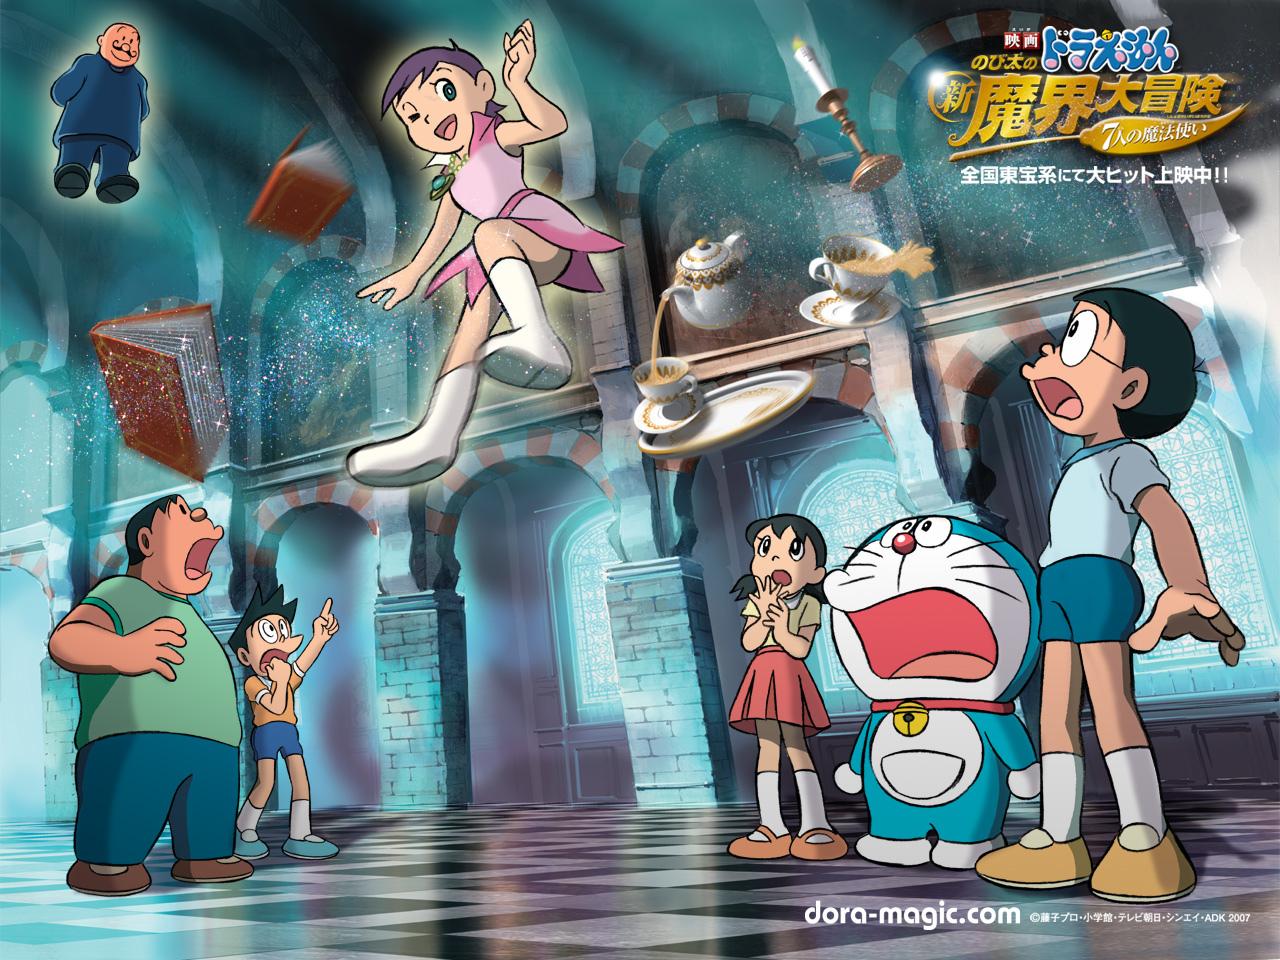 Nobita 3d Wallpaper Fondos De Pantalla De Doraemon Wallpapers Hd Gratis